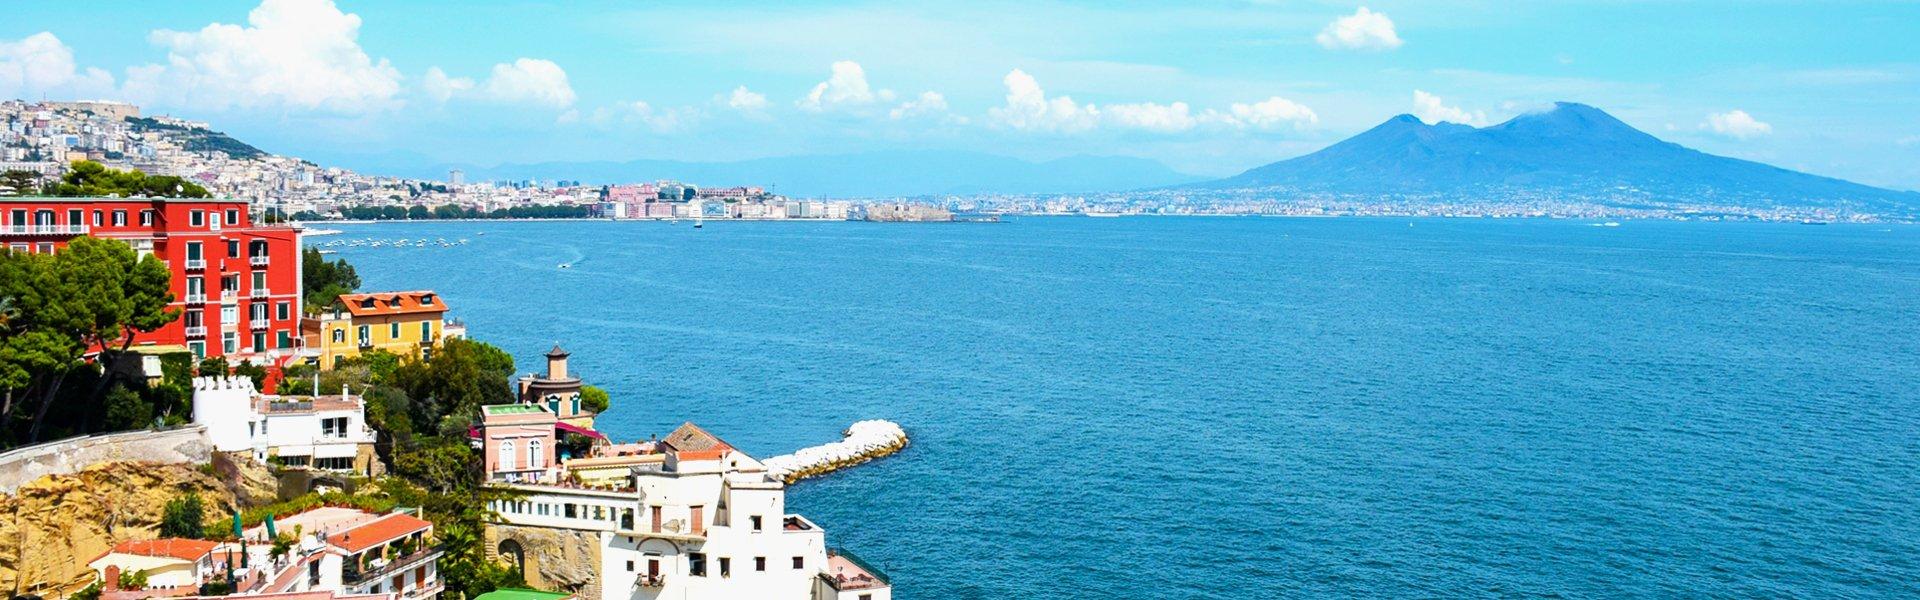 Baai van Napels, Italië